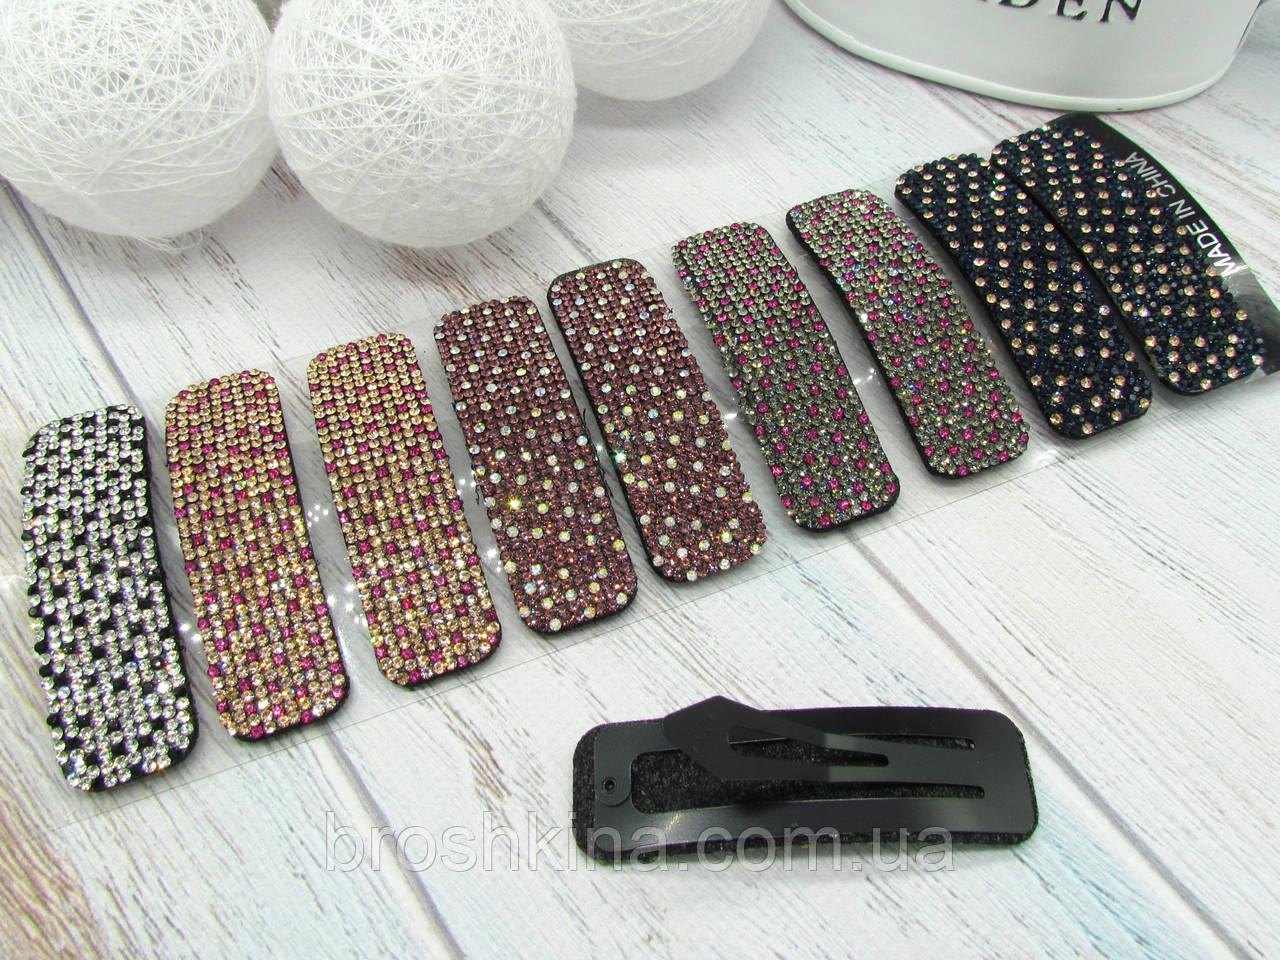 Заколки для волос тик-так 7.5 см цветные кристаллы 10 шт/уп.